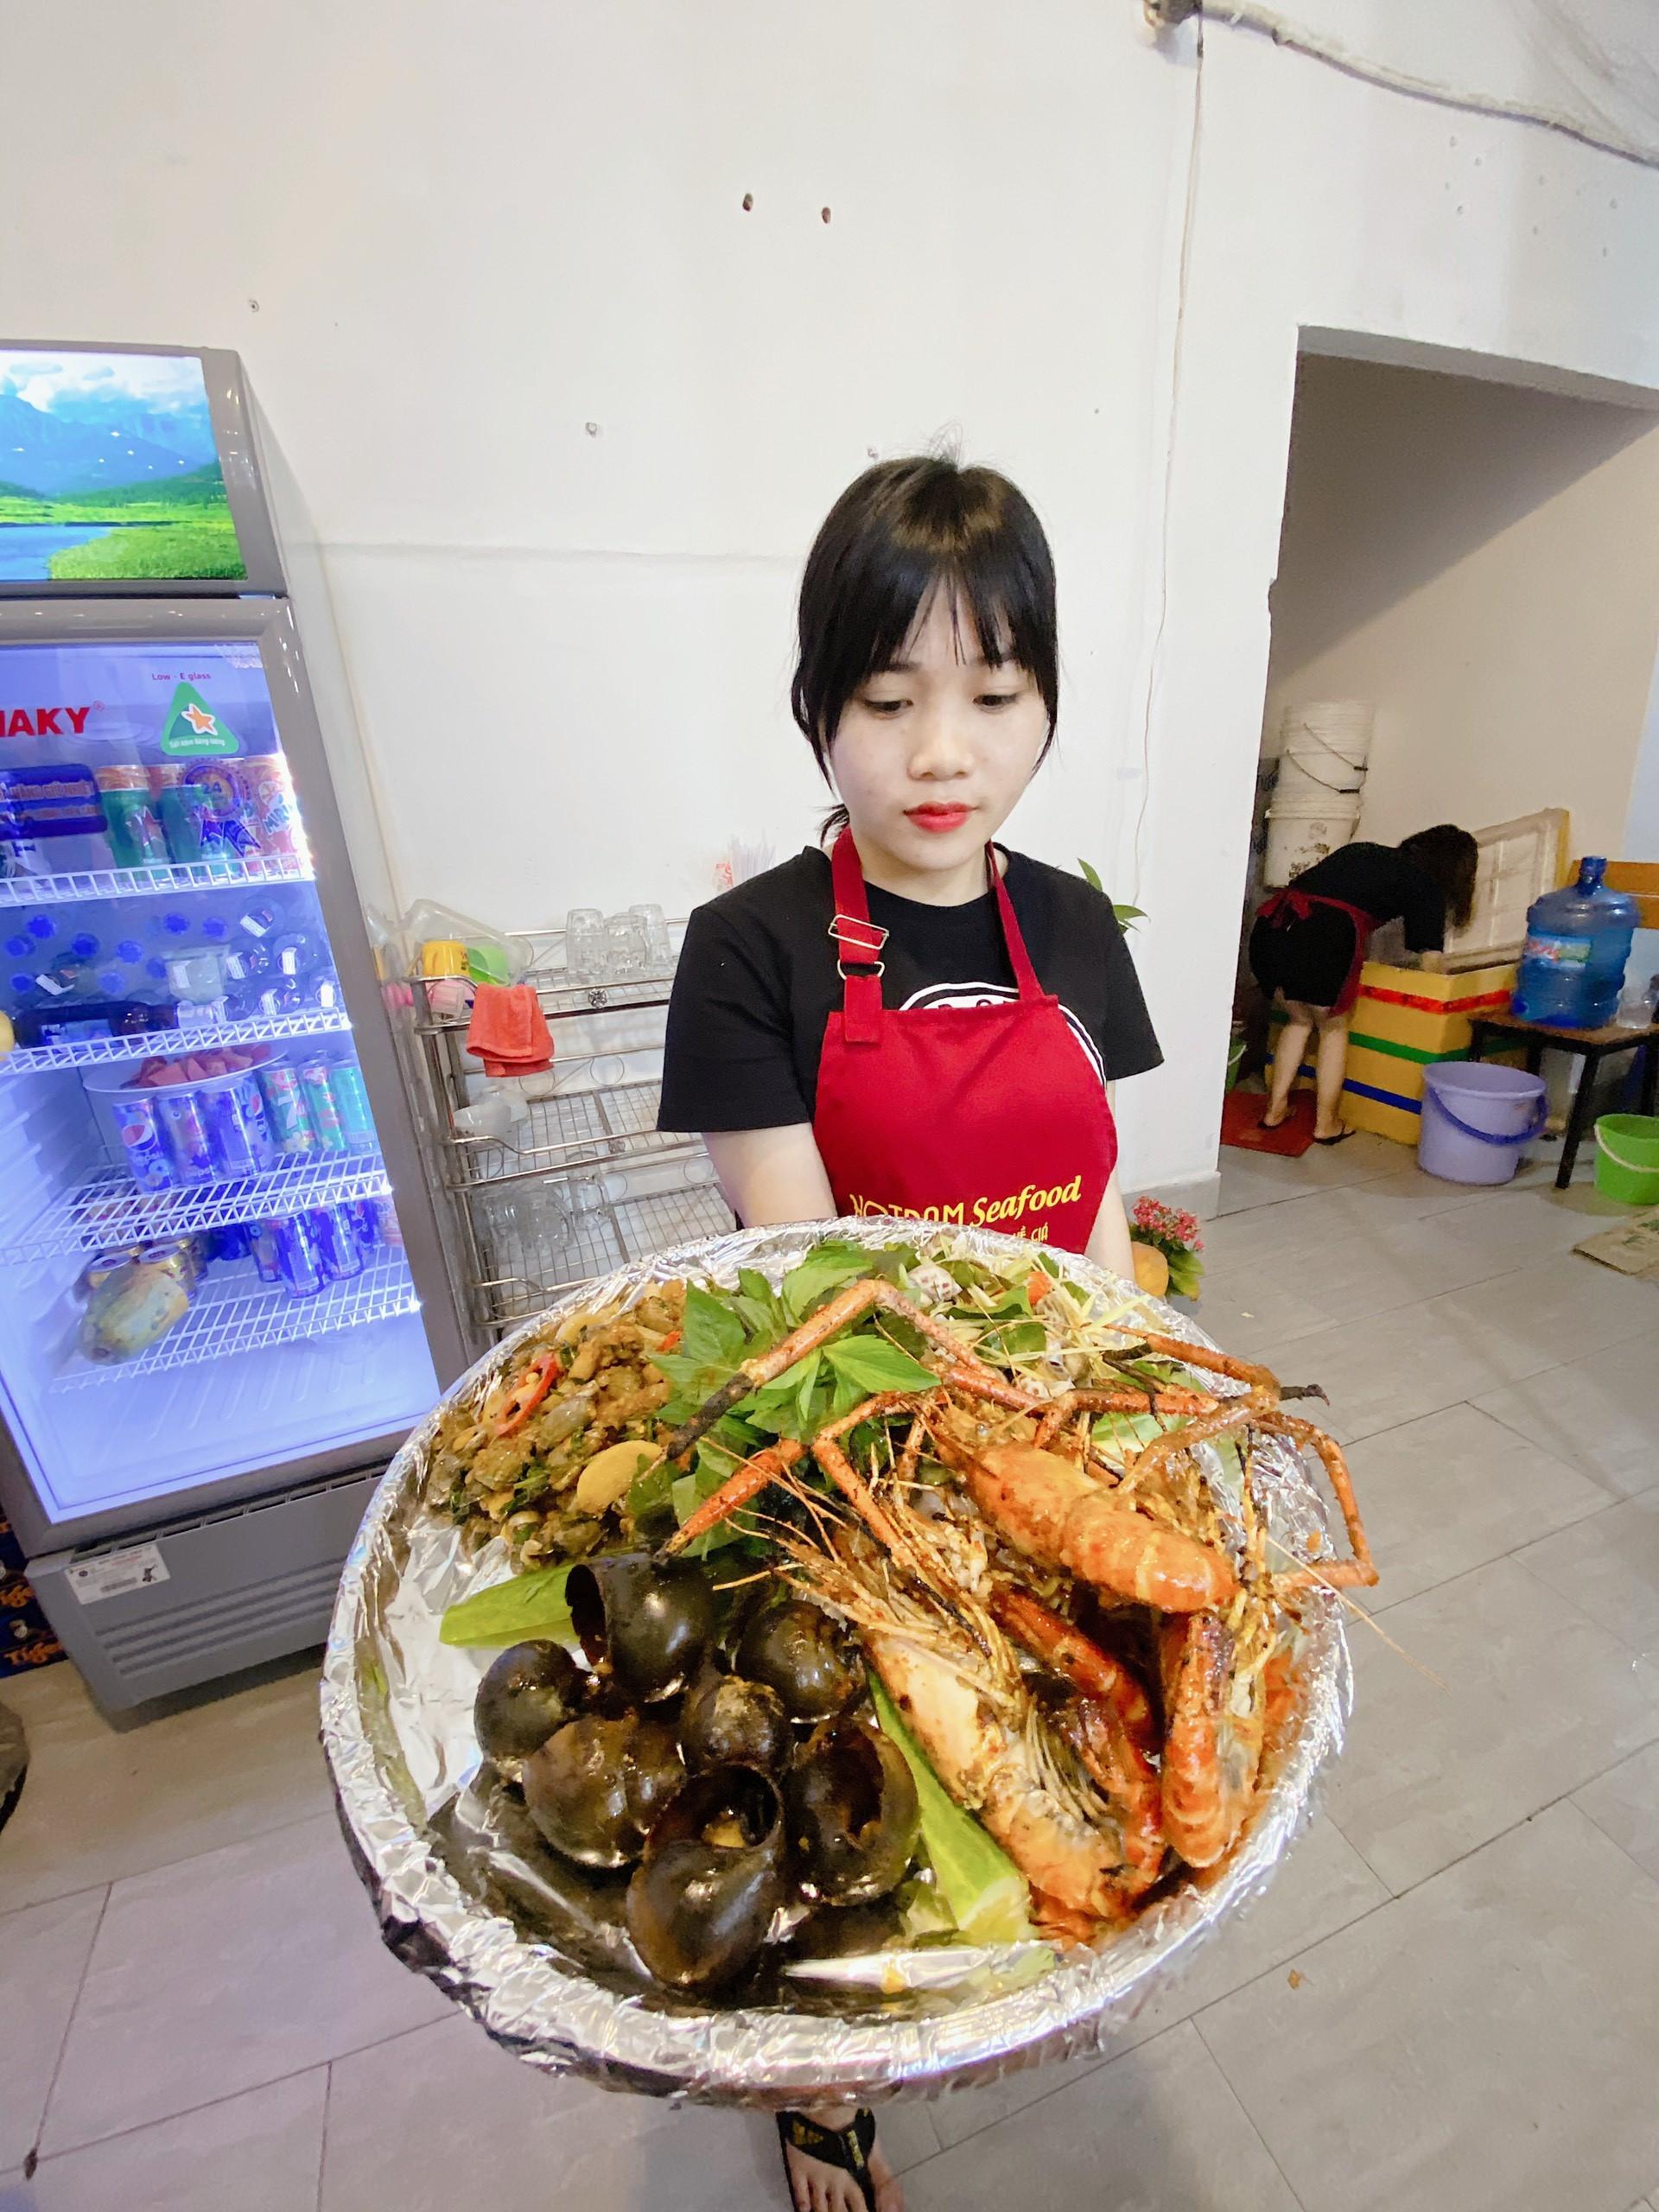 quán ăn hải sản phục vụ tốt nhất ở hồ tràm